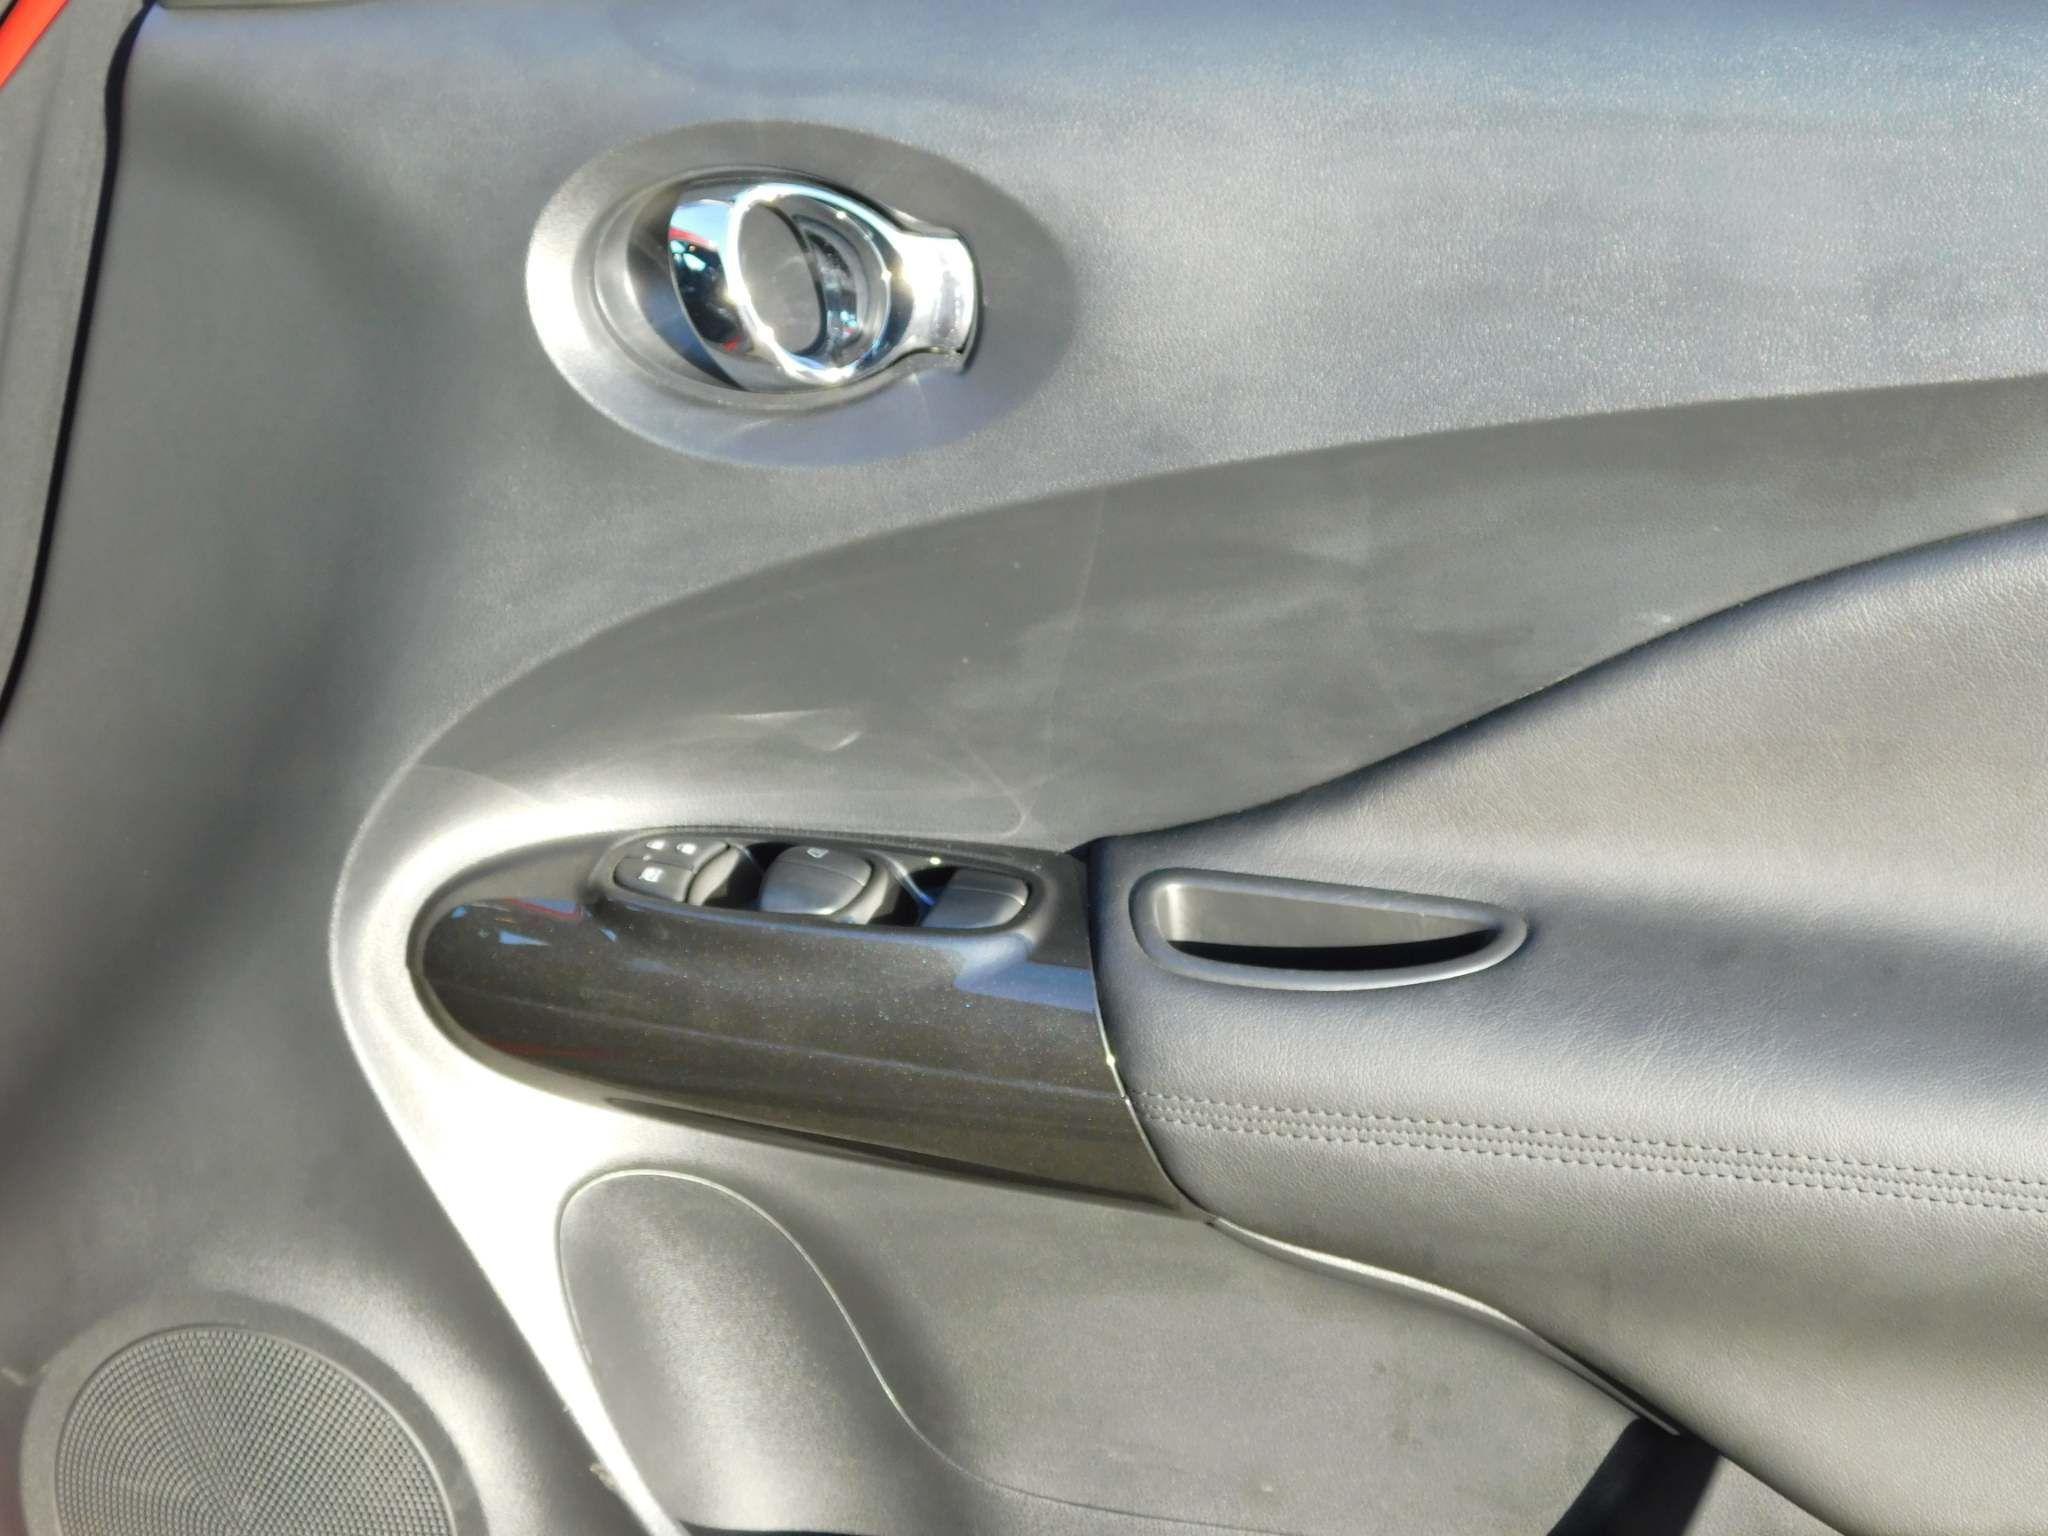 2017 NISSAN Juke 1.5 dCi Tekna (s/s) Diesel Manual just arrived – Meadow Cars Carrickfergus full